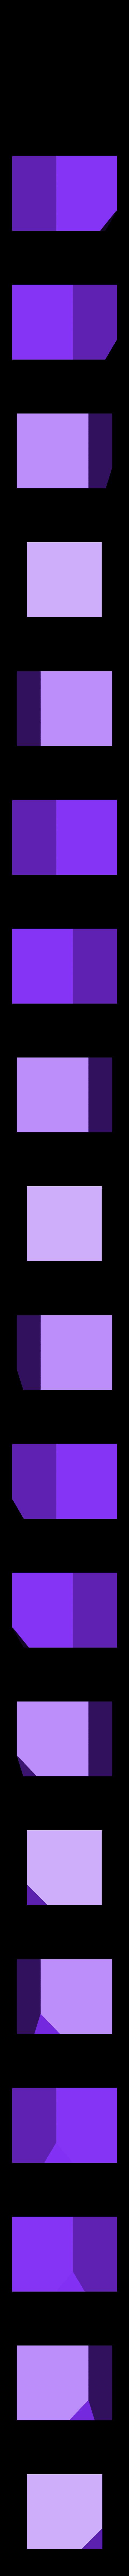 Quick_Cube2.STL Télécharger fichier STL gratuit Cube en spirale de la transcendance • Modèle pour imprimante 3D, 3D_Cre8or